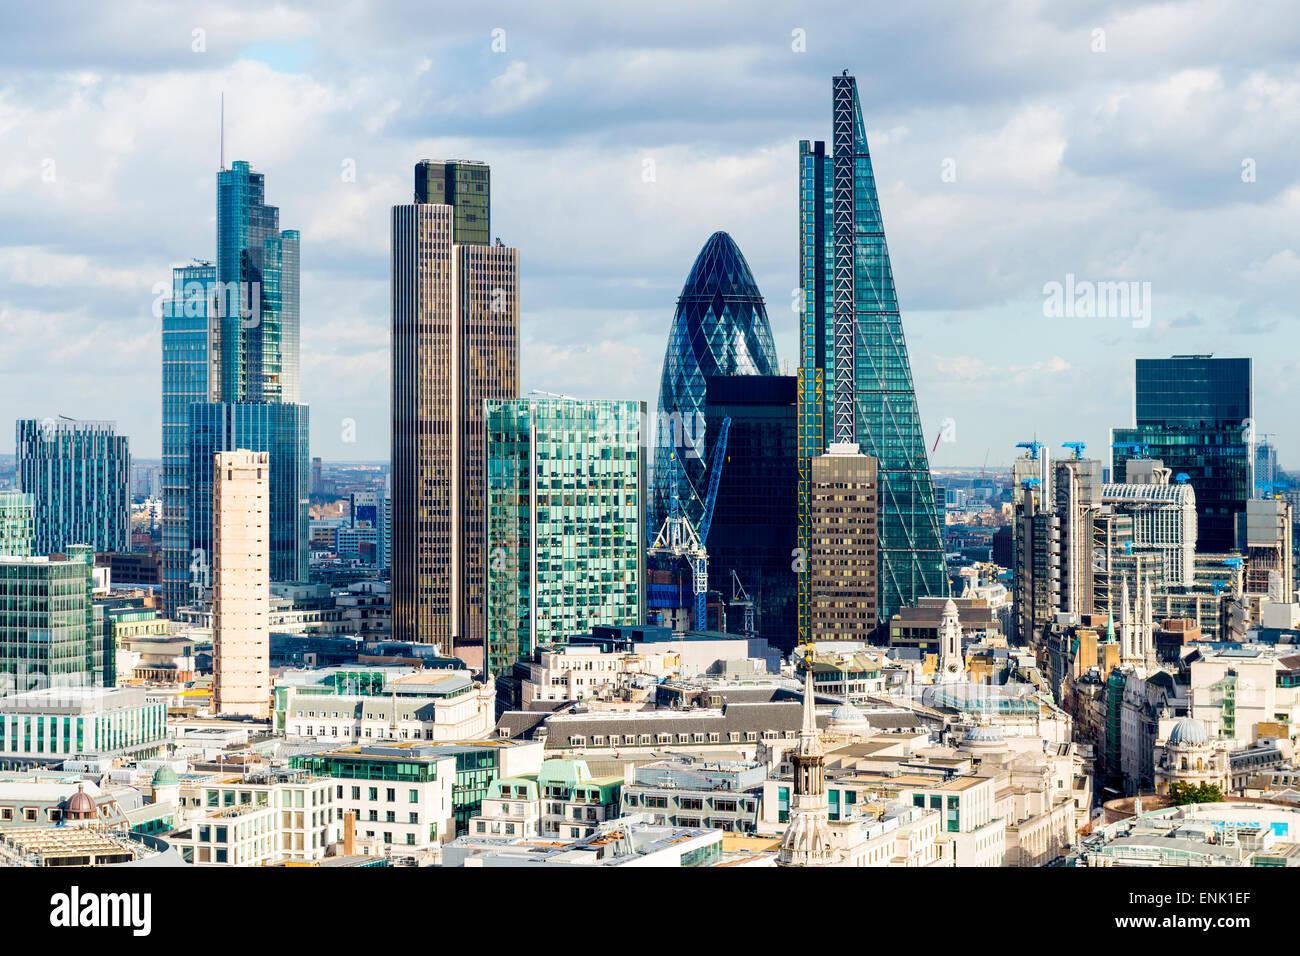 Ciudad de Londres, Londres, Inglaterra, Reino Unido, Europa Imagen De Stock